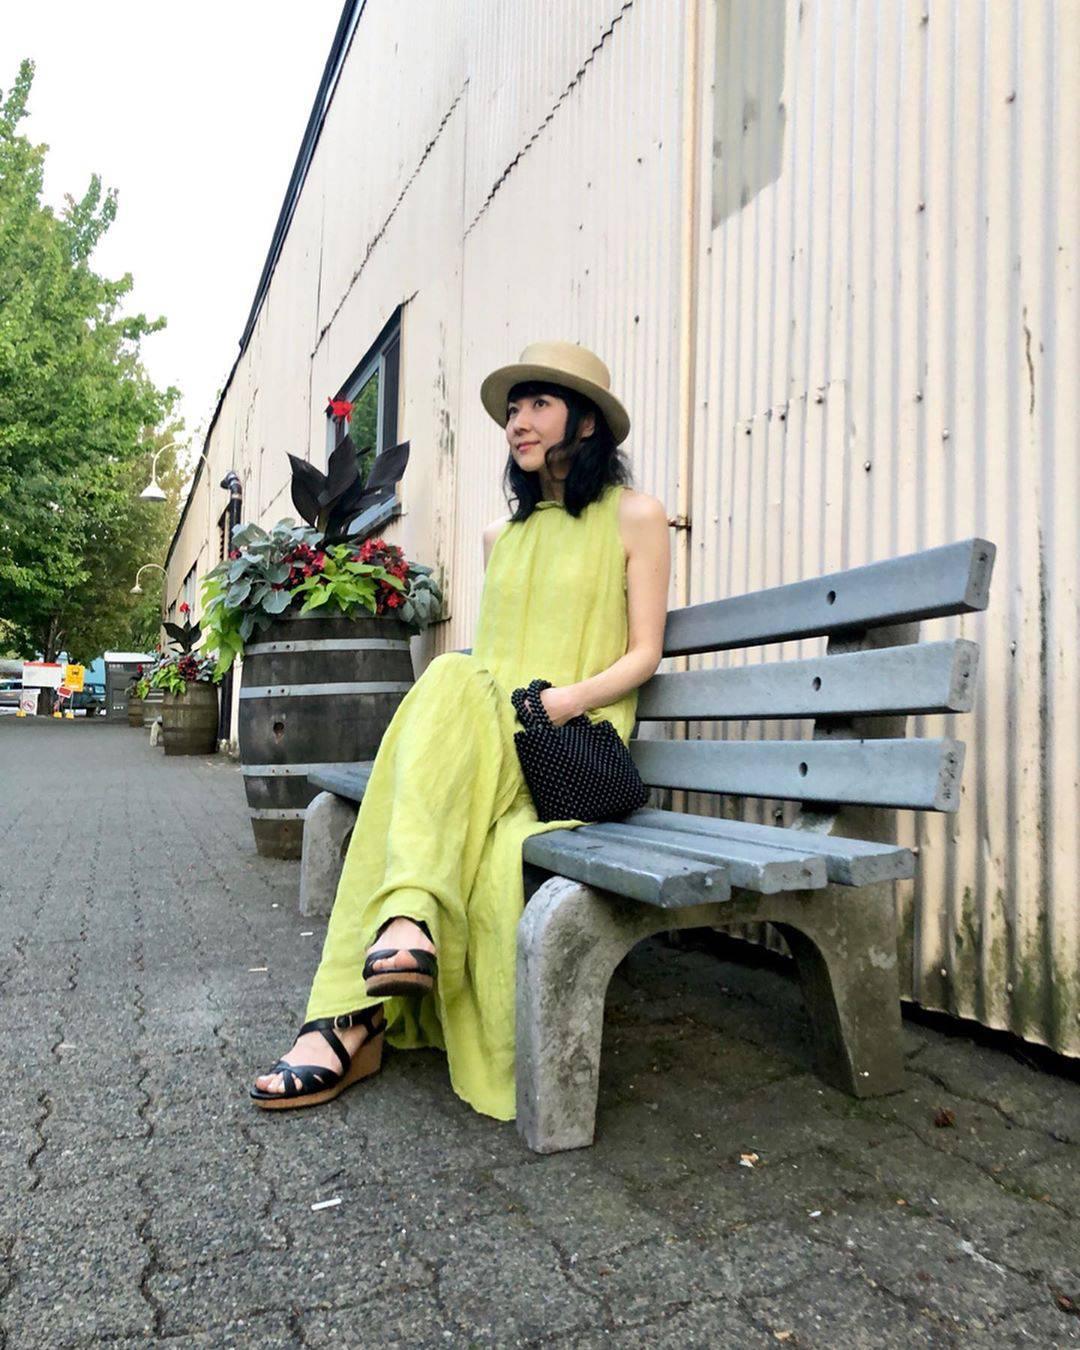 最高気温33度・最低気温24度 i.styleclosetの服装